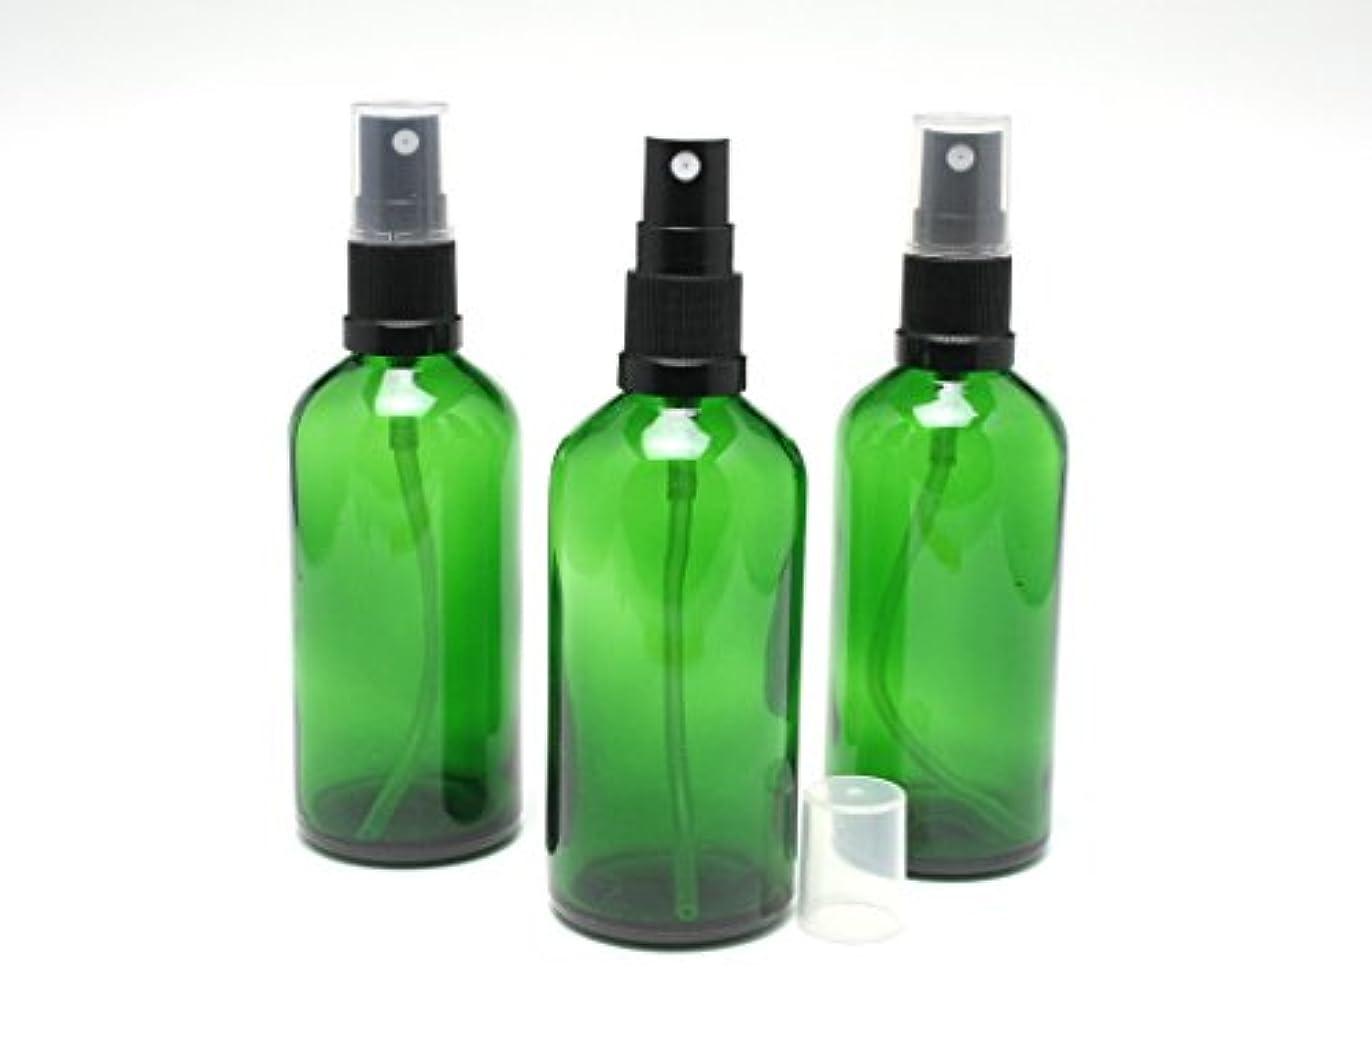 遮光瓶 スプレーボトル (グラス/アトマイザー) 100ml / グリーン/ブラックヘッド 3本セット 【新品アウトレット商品 】